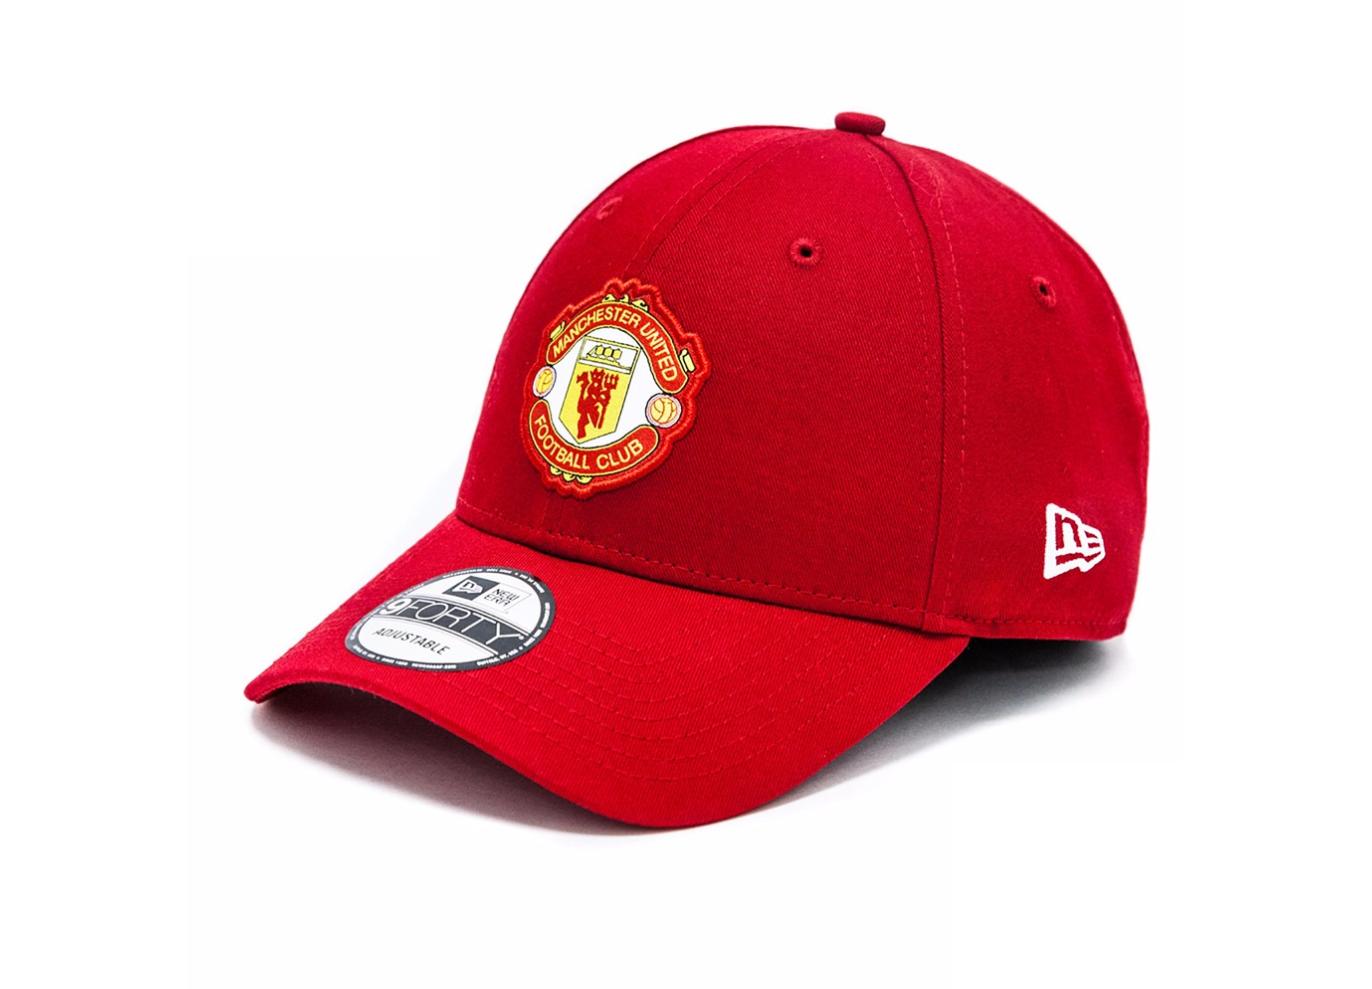 หมวกแก๊ปแมนเชสเตอร์ ยูไนเต็ด New Era Limited Edition 1977 Retro 9FORTY ของแท้